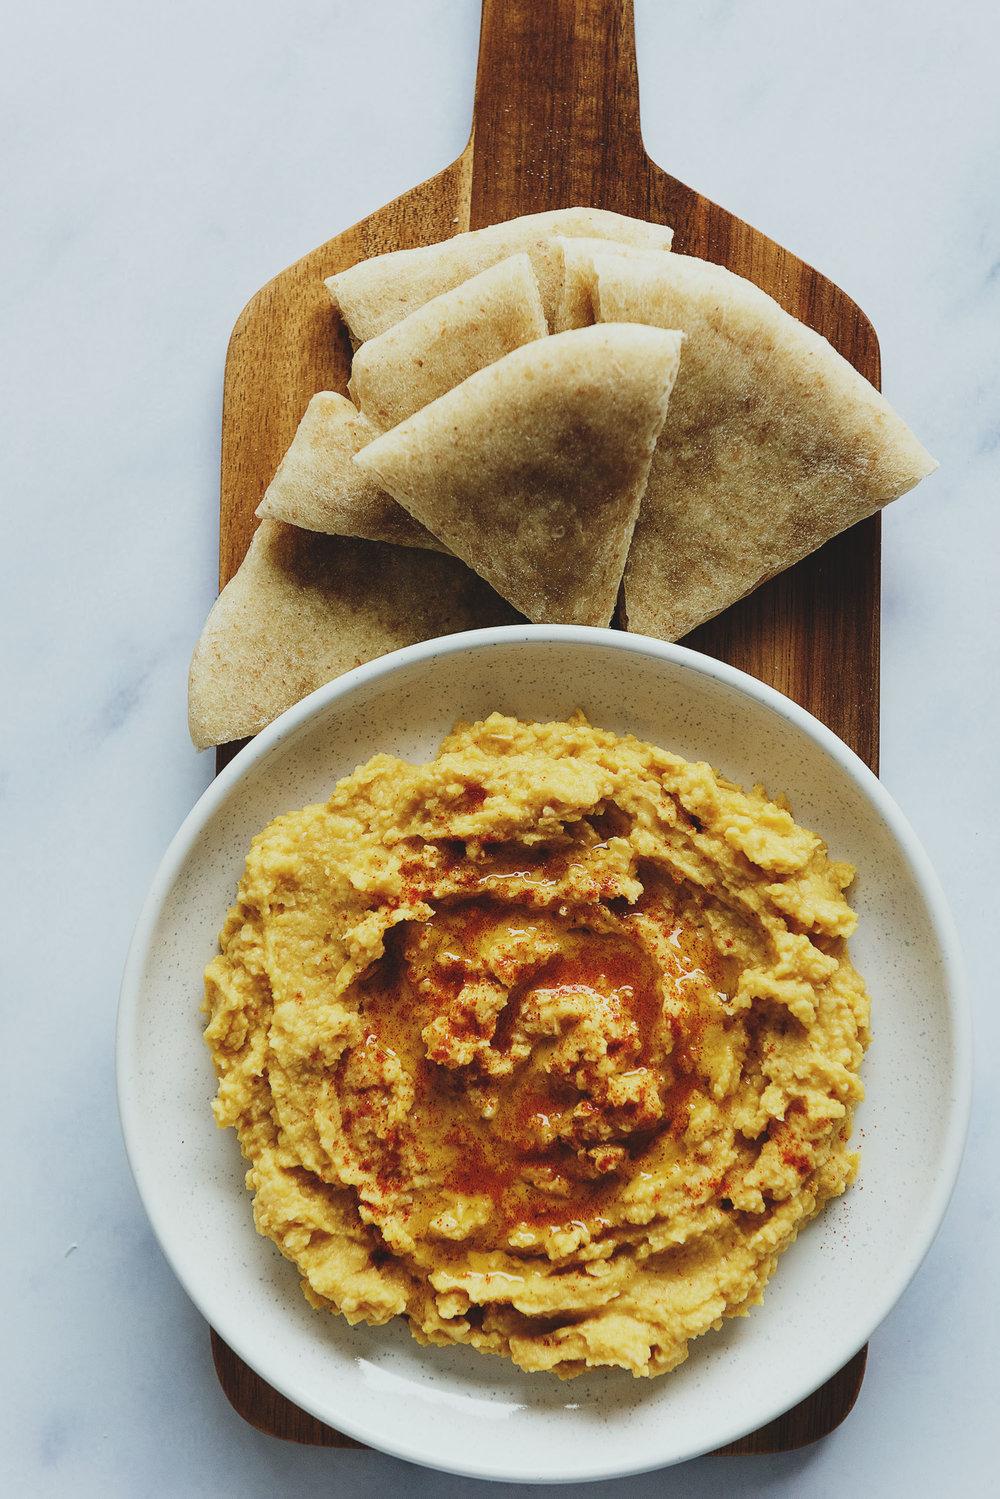 ragnhild-utne-utnephoto-eat-bud-eatbud-food-bloog-vegetarian-easy-hummus-chickpeas-recipe-4.jpg